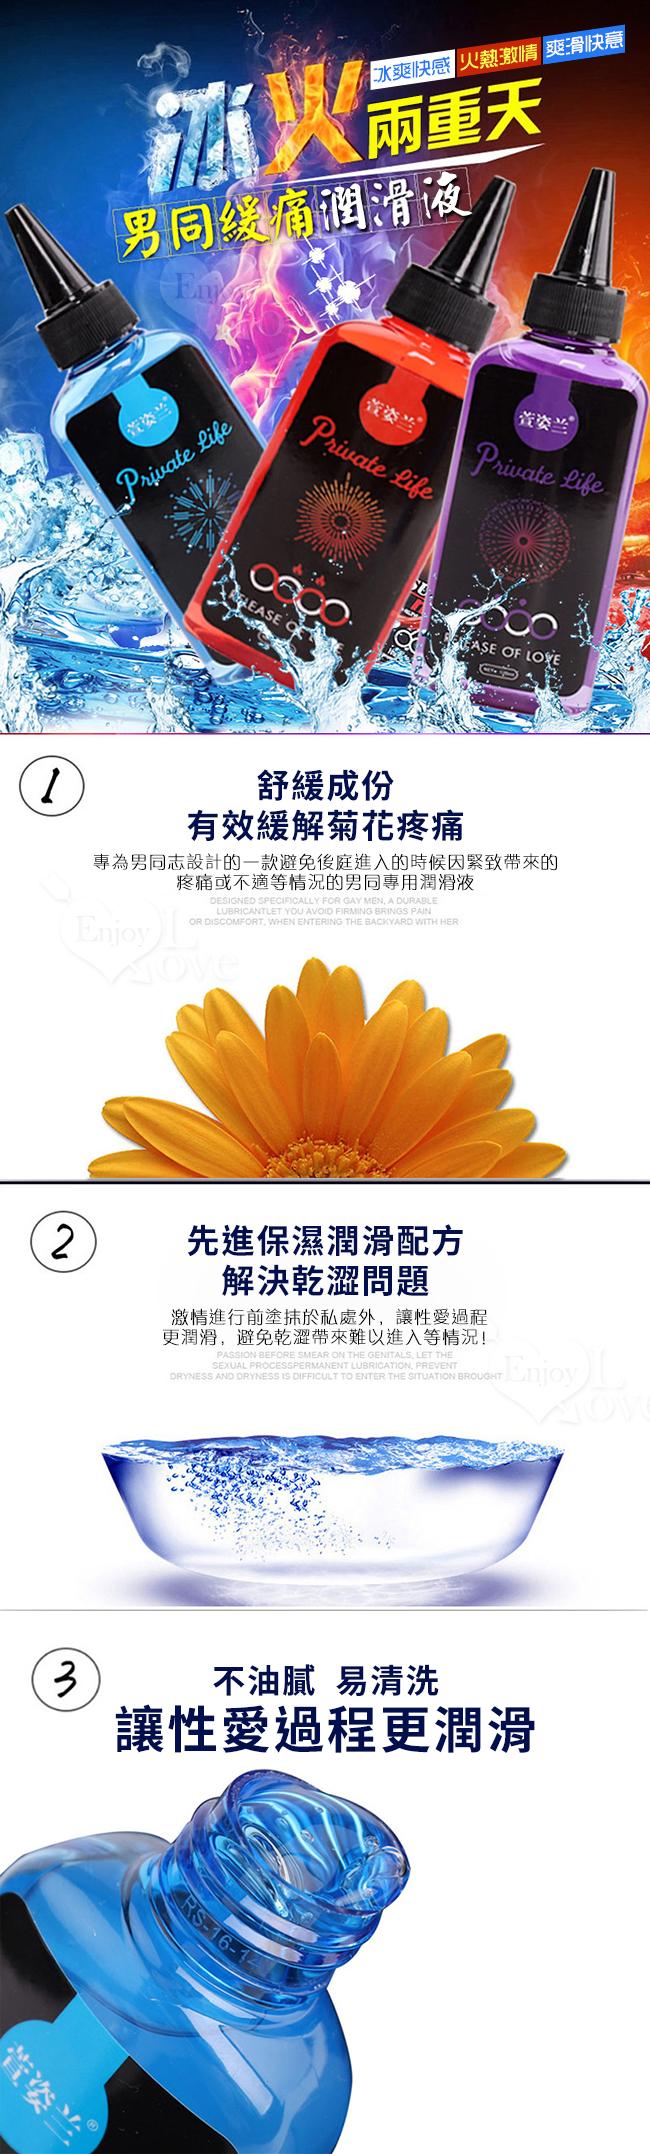 Xun Z Lan‧男同後庭肛交專用潤滑液 120ml﹝冰感﹞